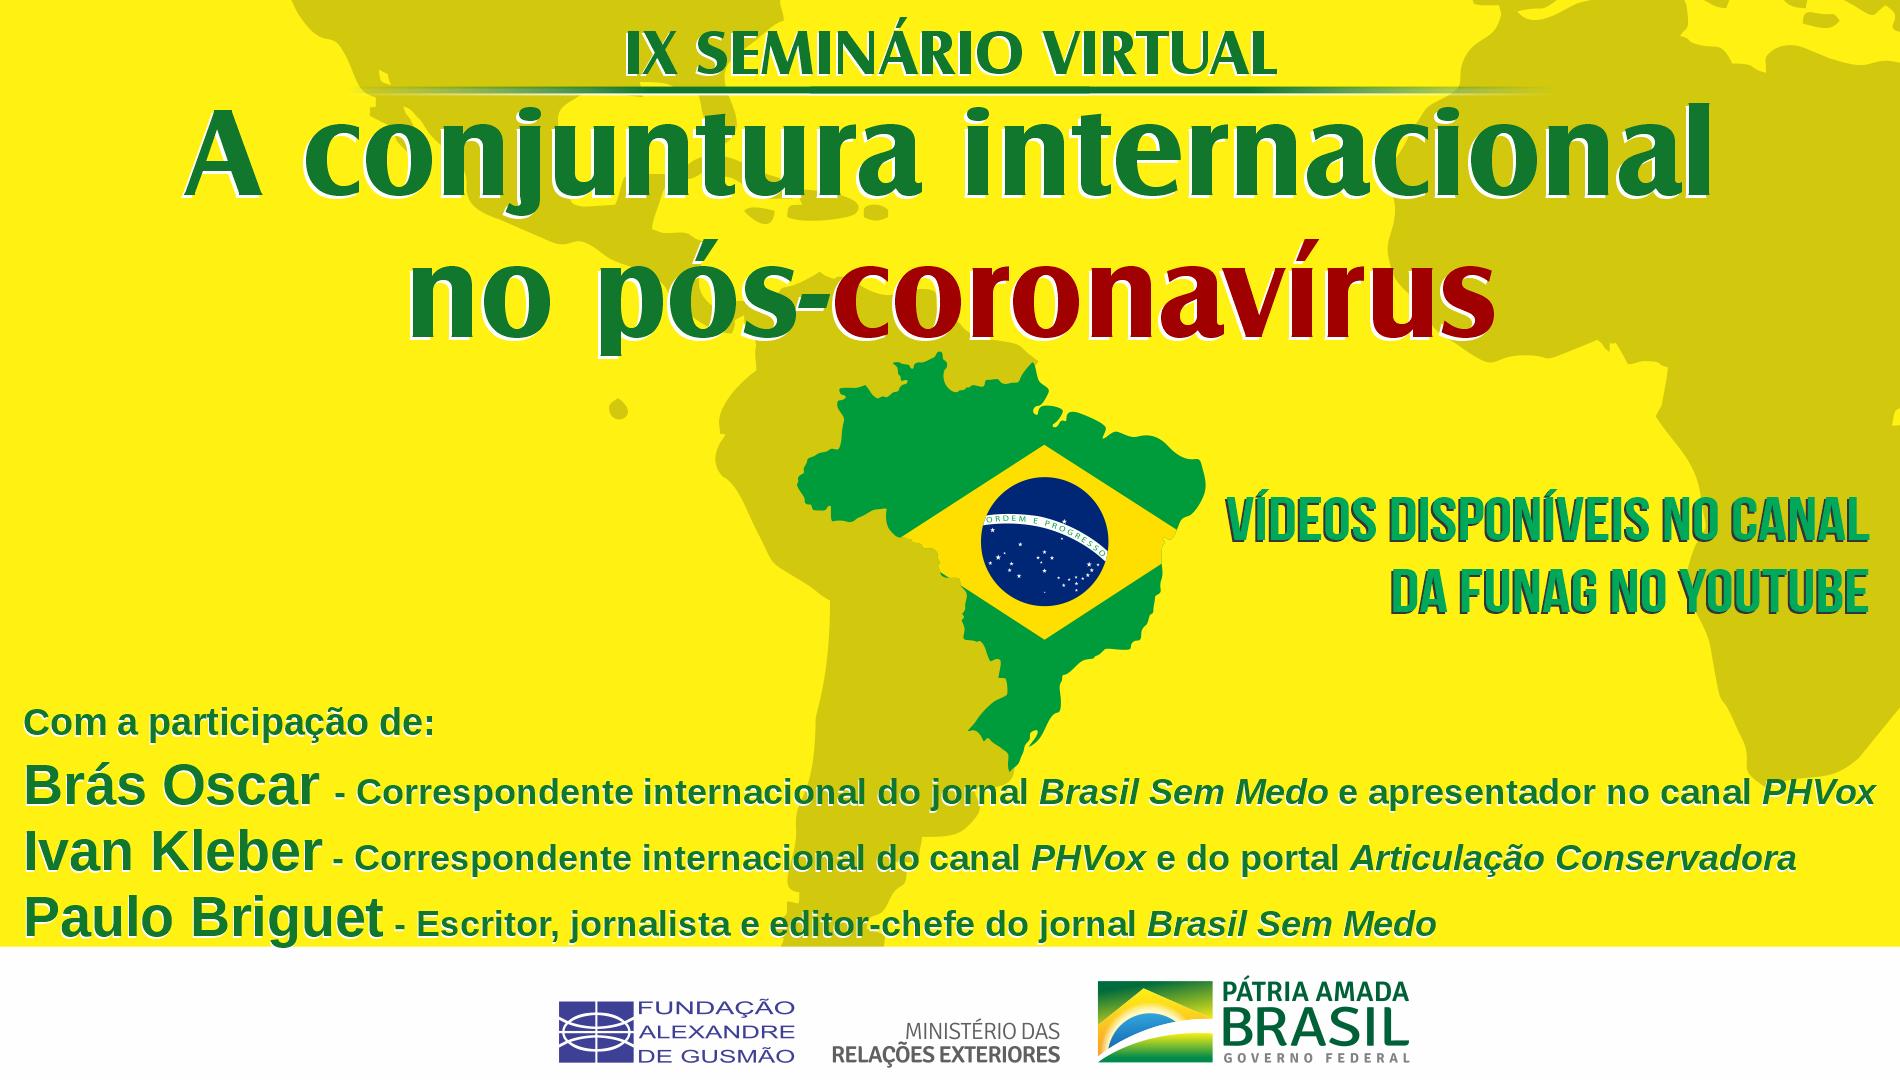 IX seminário virtual sobre a conjuntura internacional no pós-coronavírus